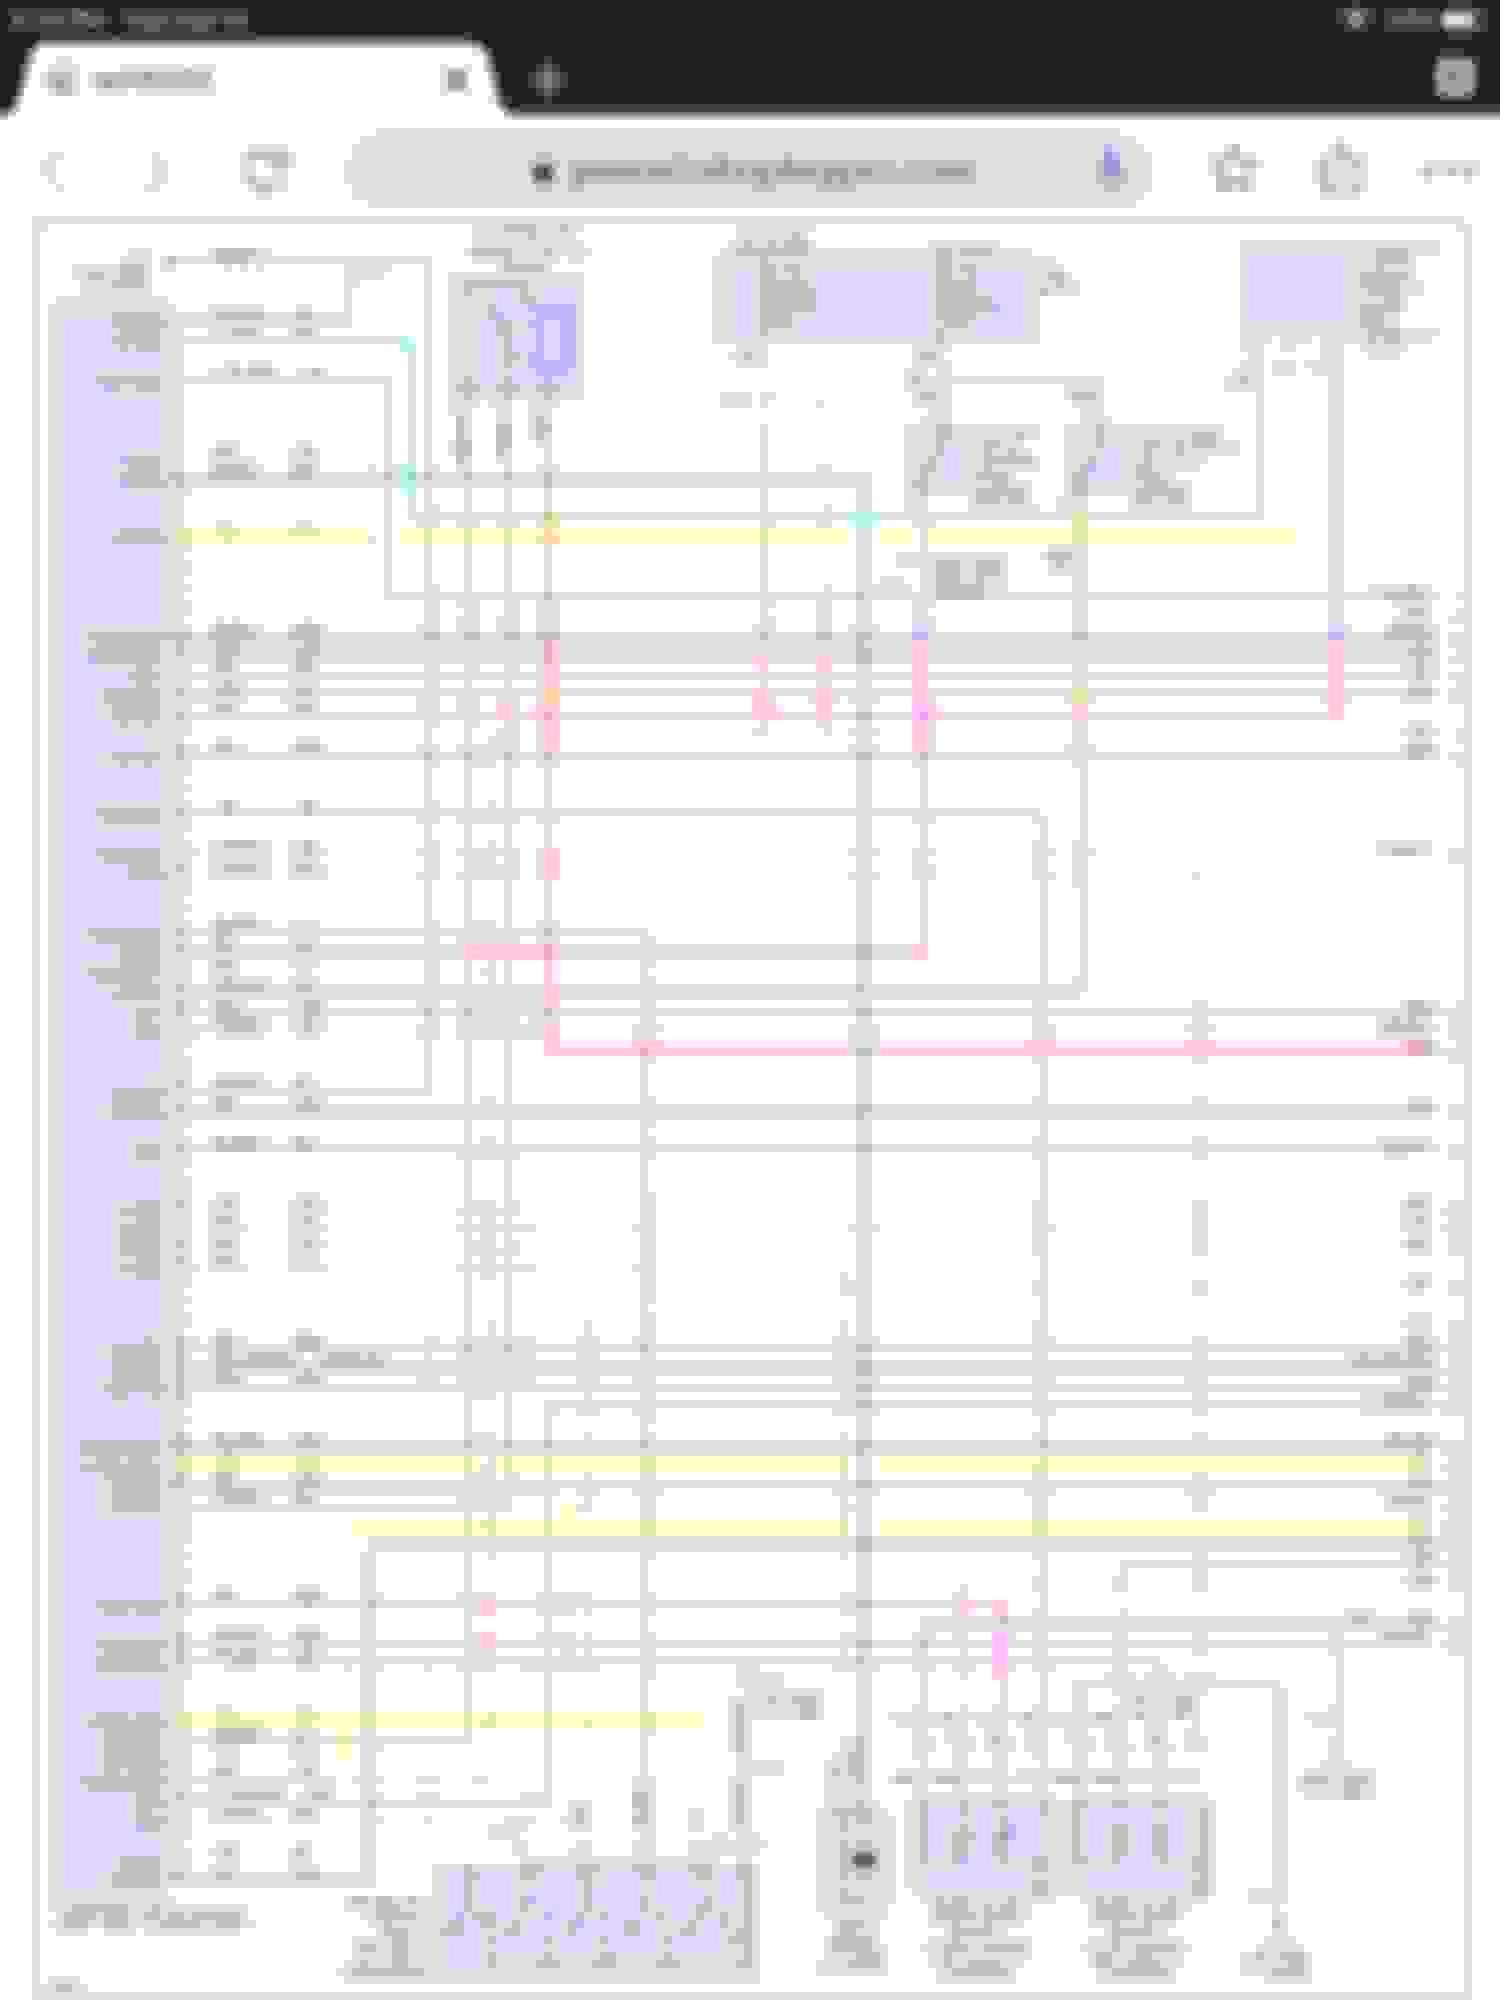 1998 S10 Wiring Diagram Online